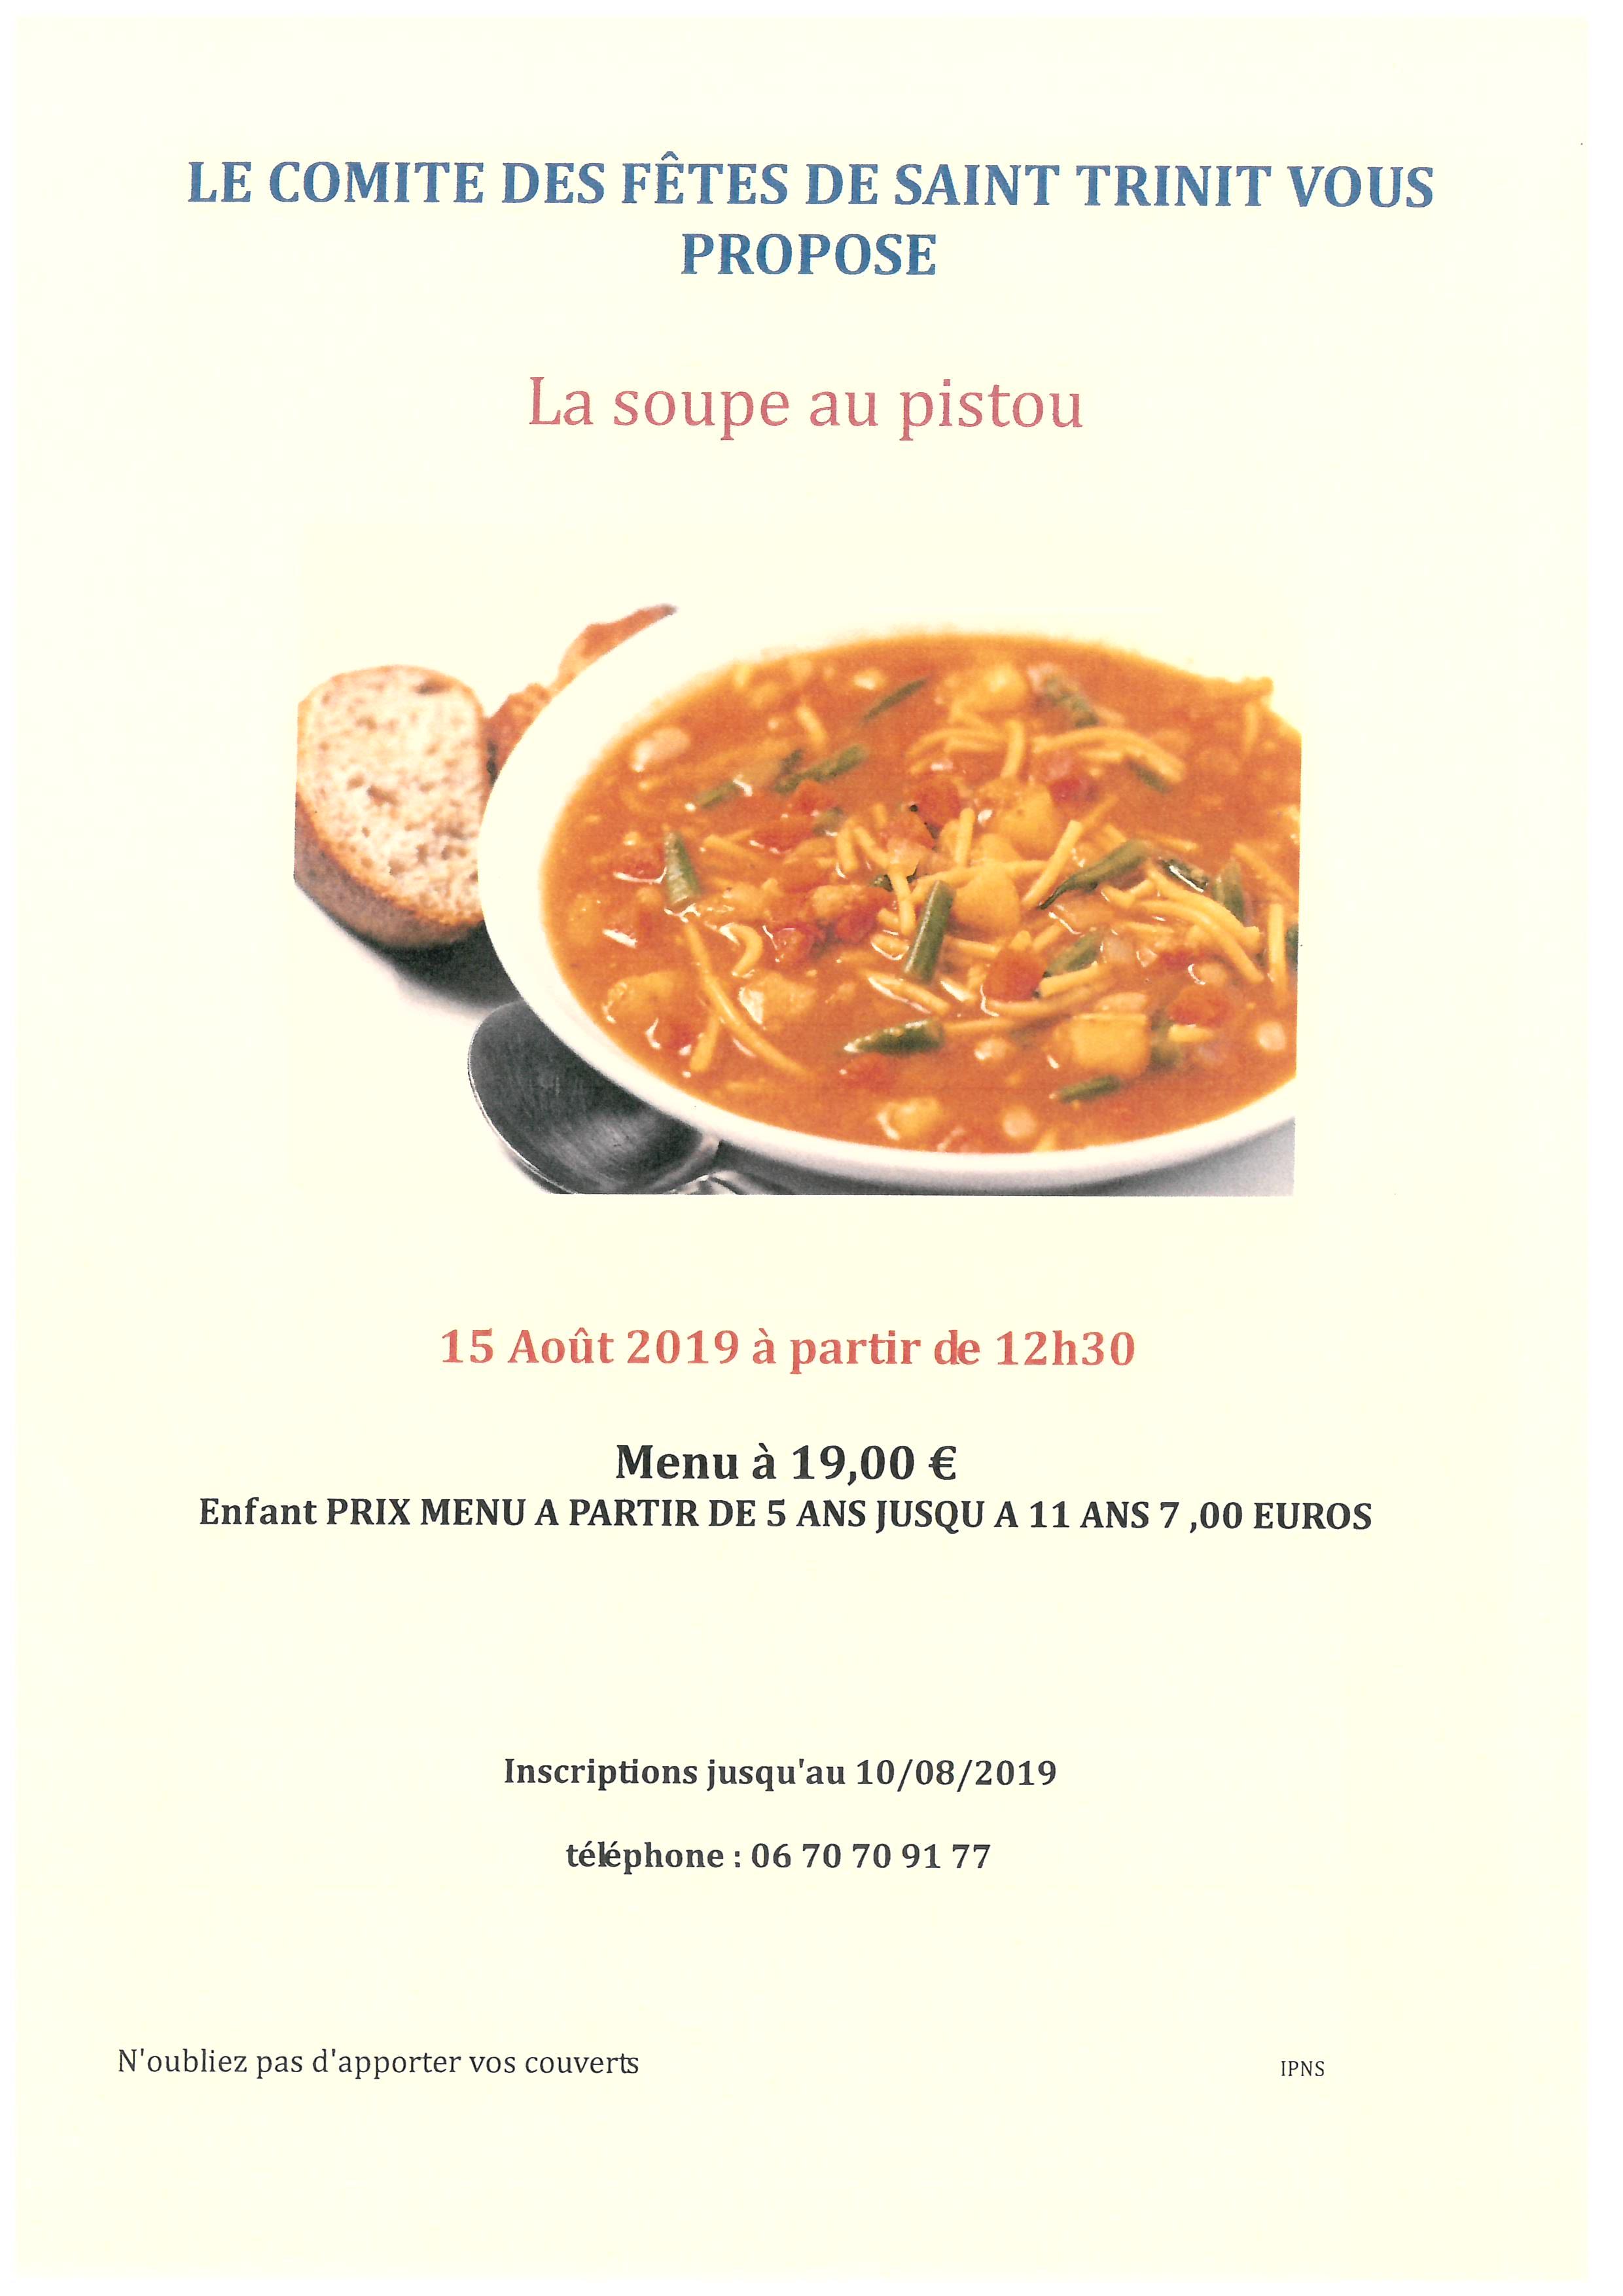 Soupe au pistou - Comité des Fêtes Saint-Trinit